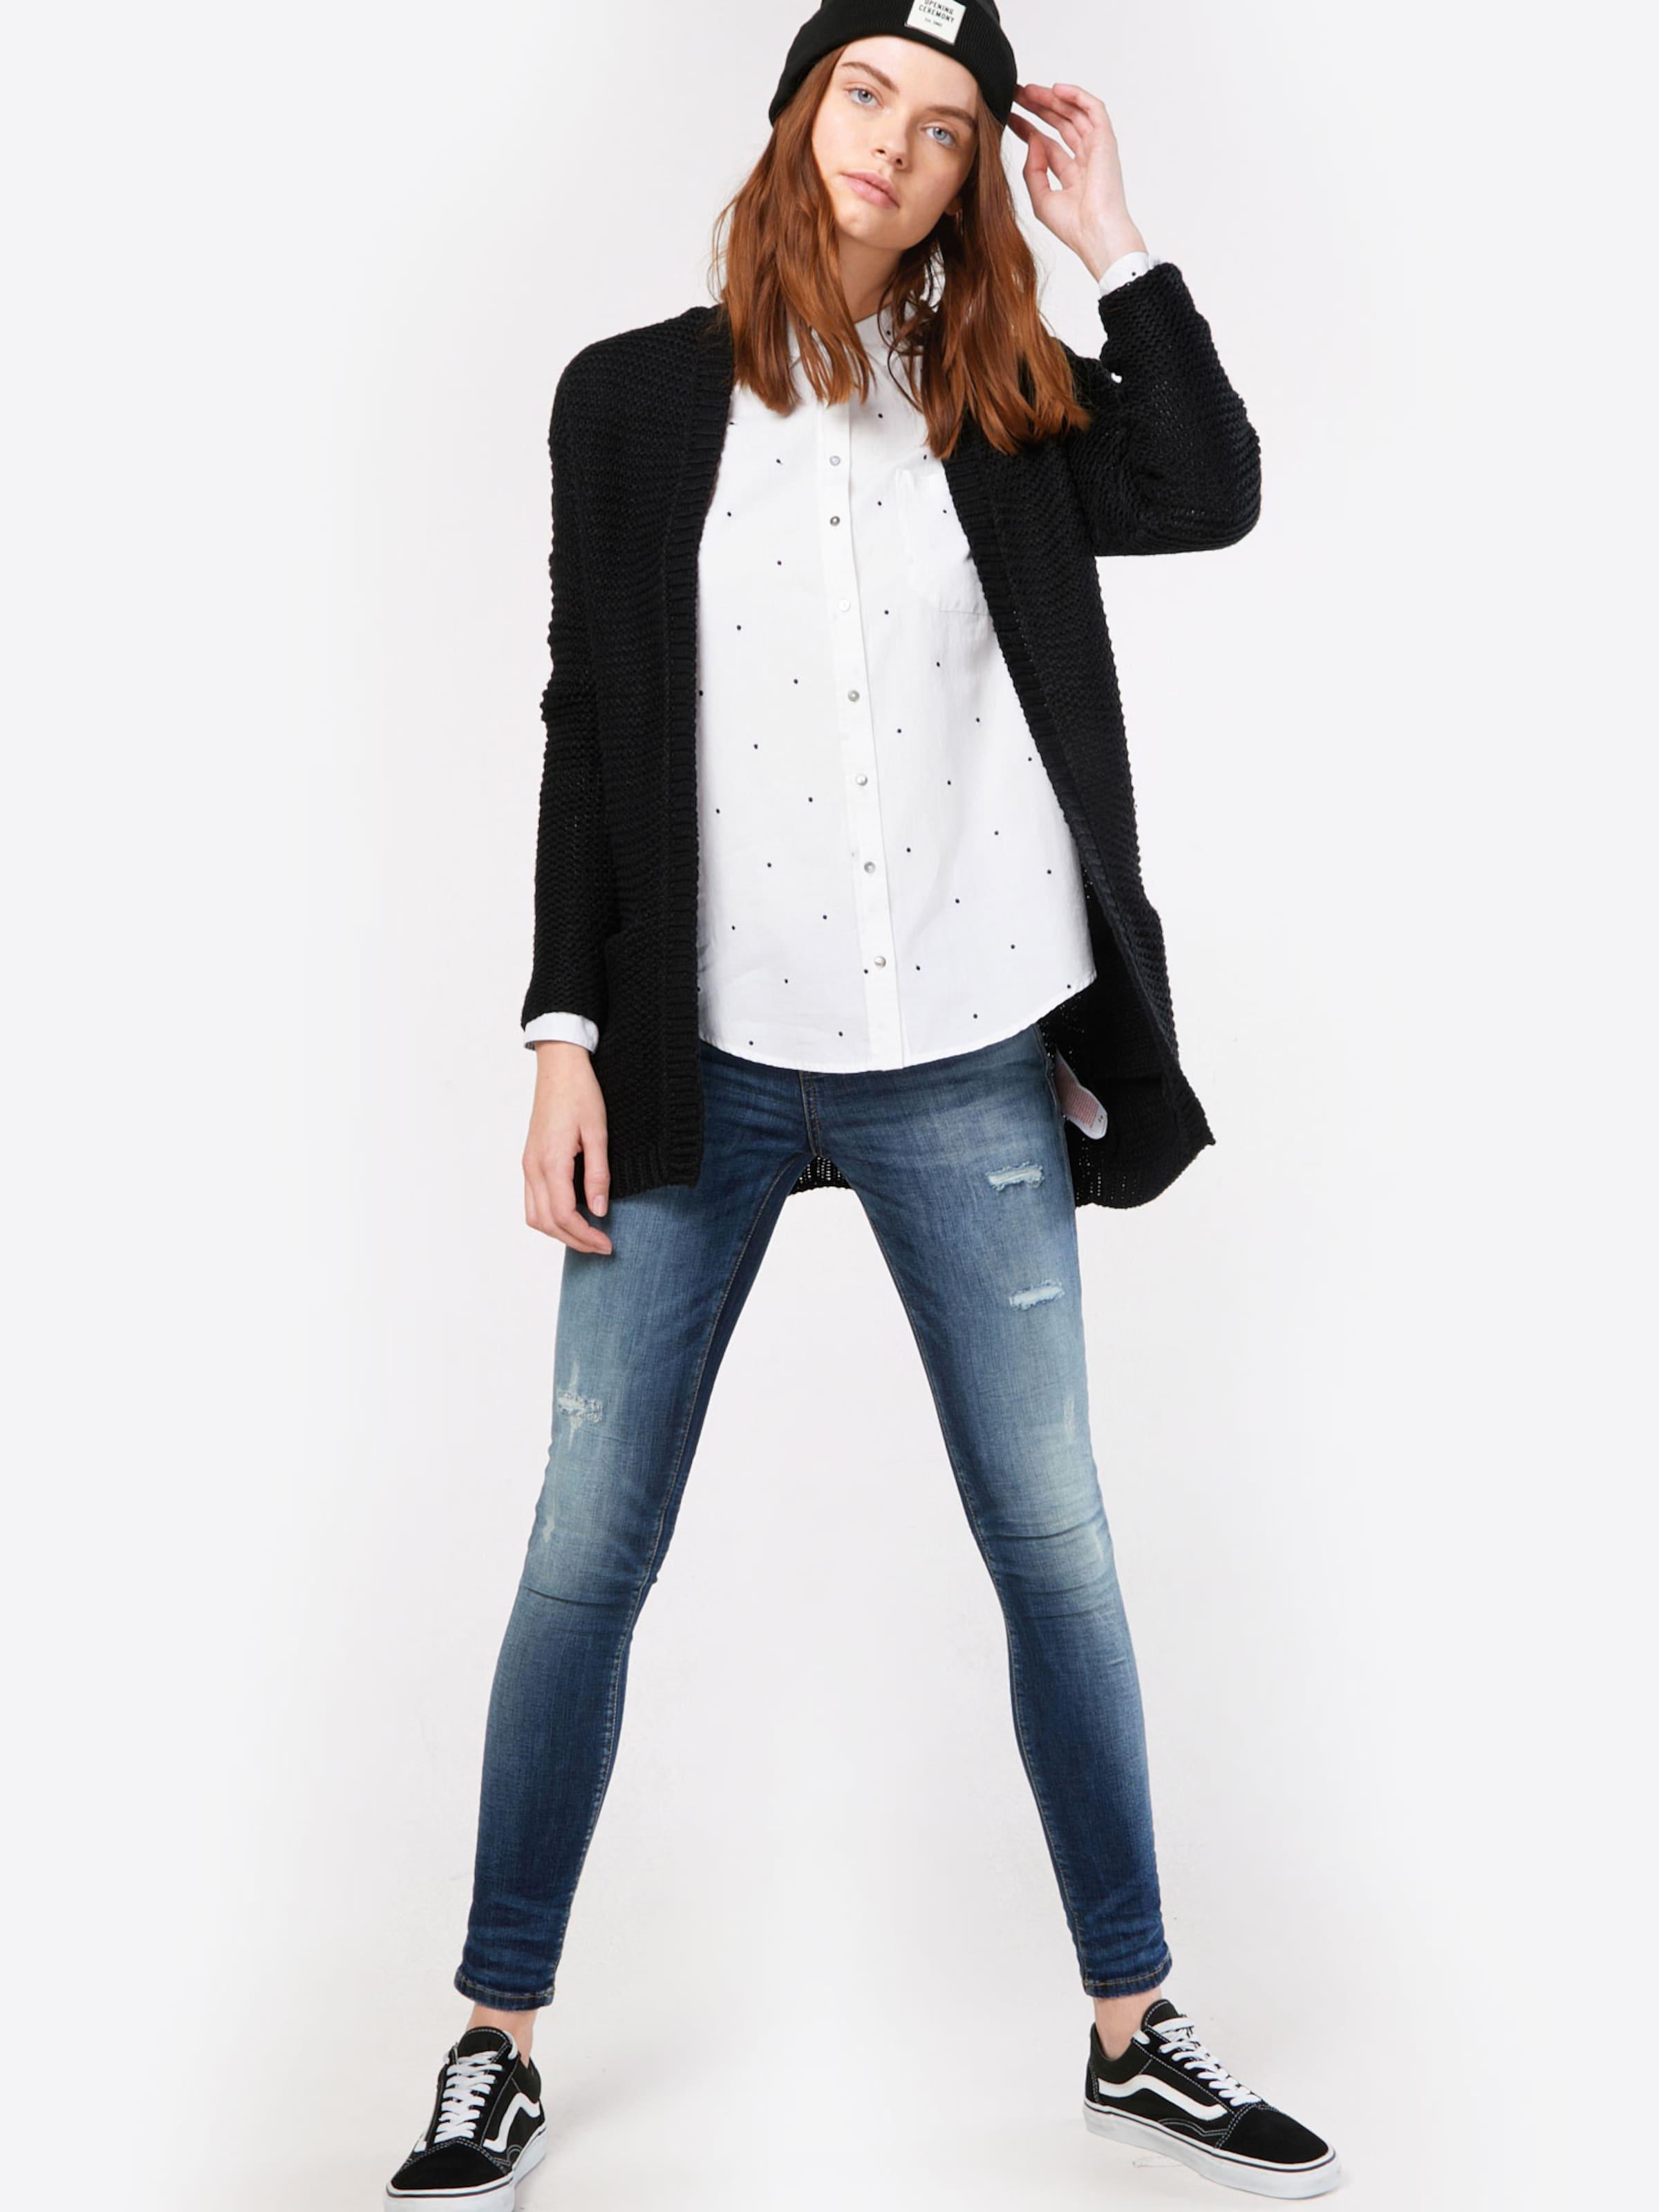 ESPRIT Bluse mit Muster Auslass Großhandelspreis UvP7b5gdj